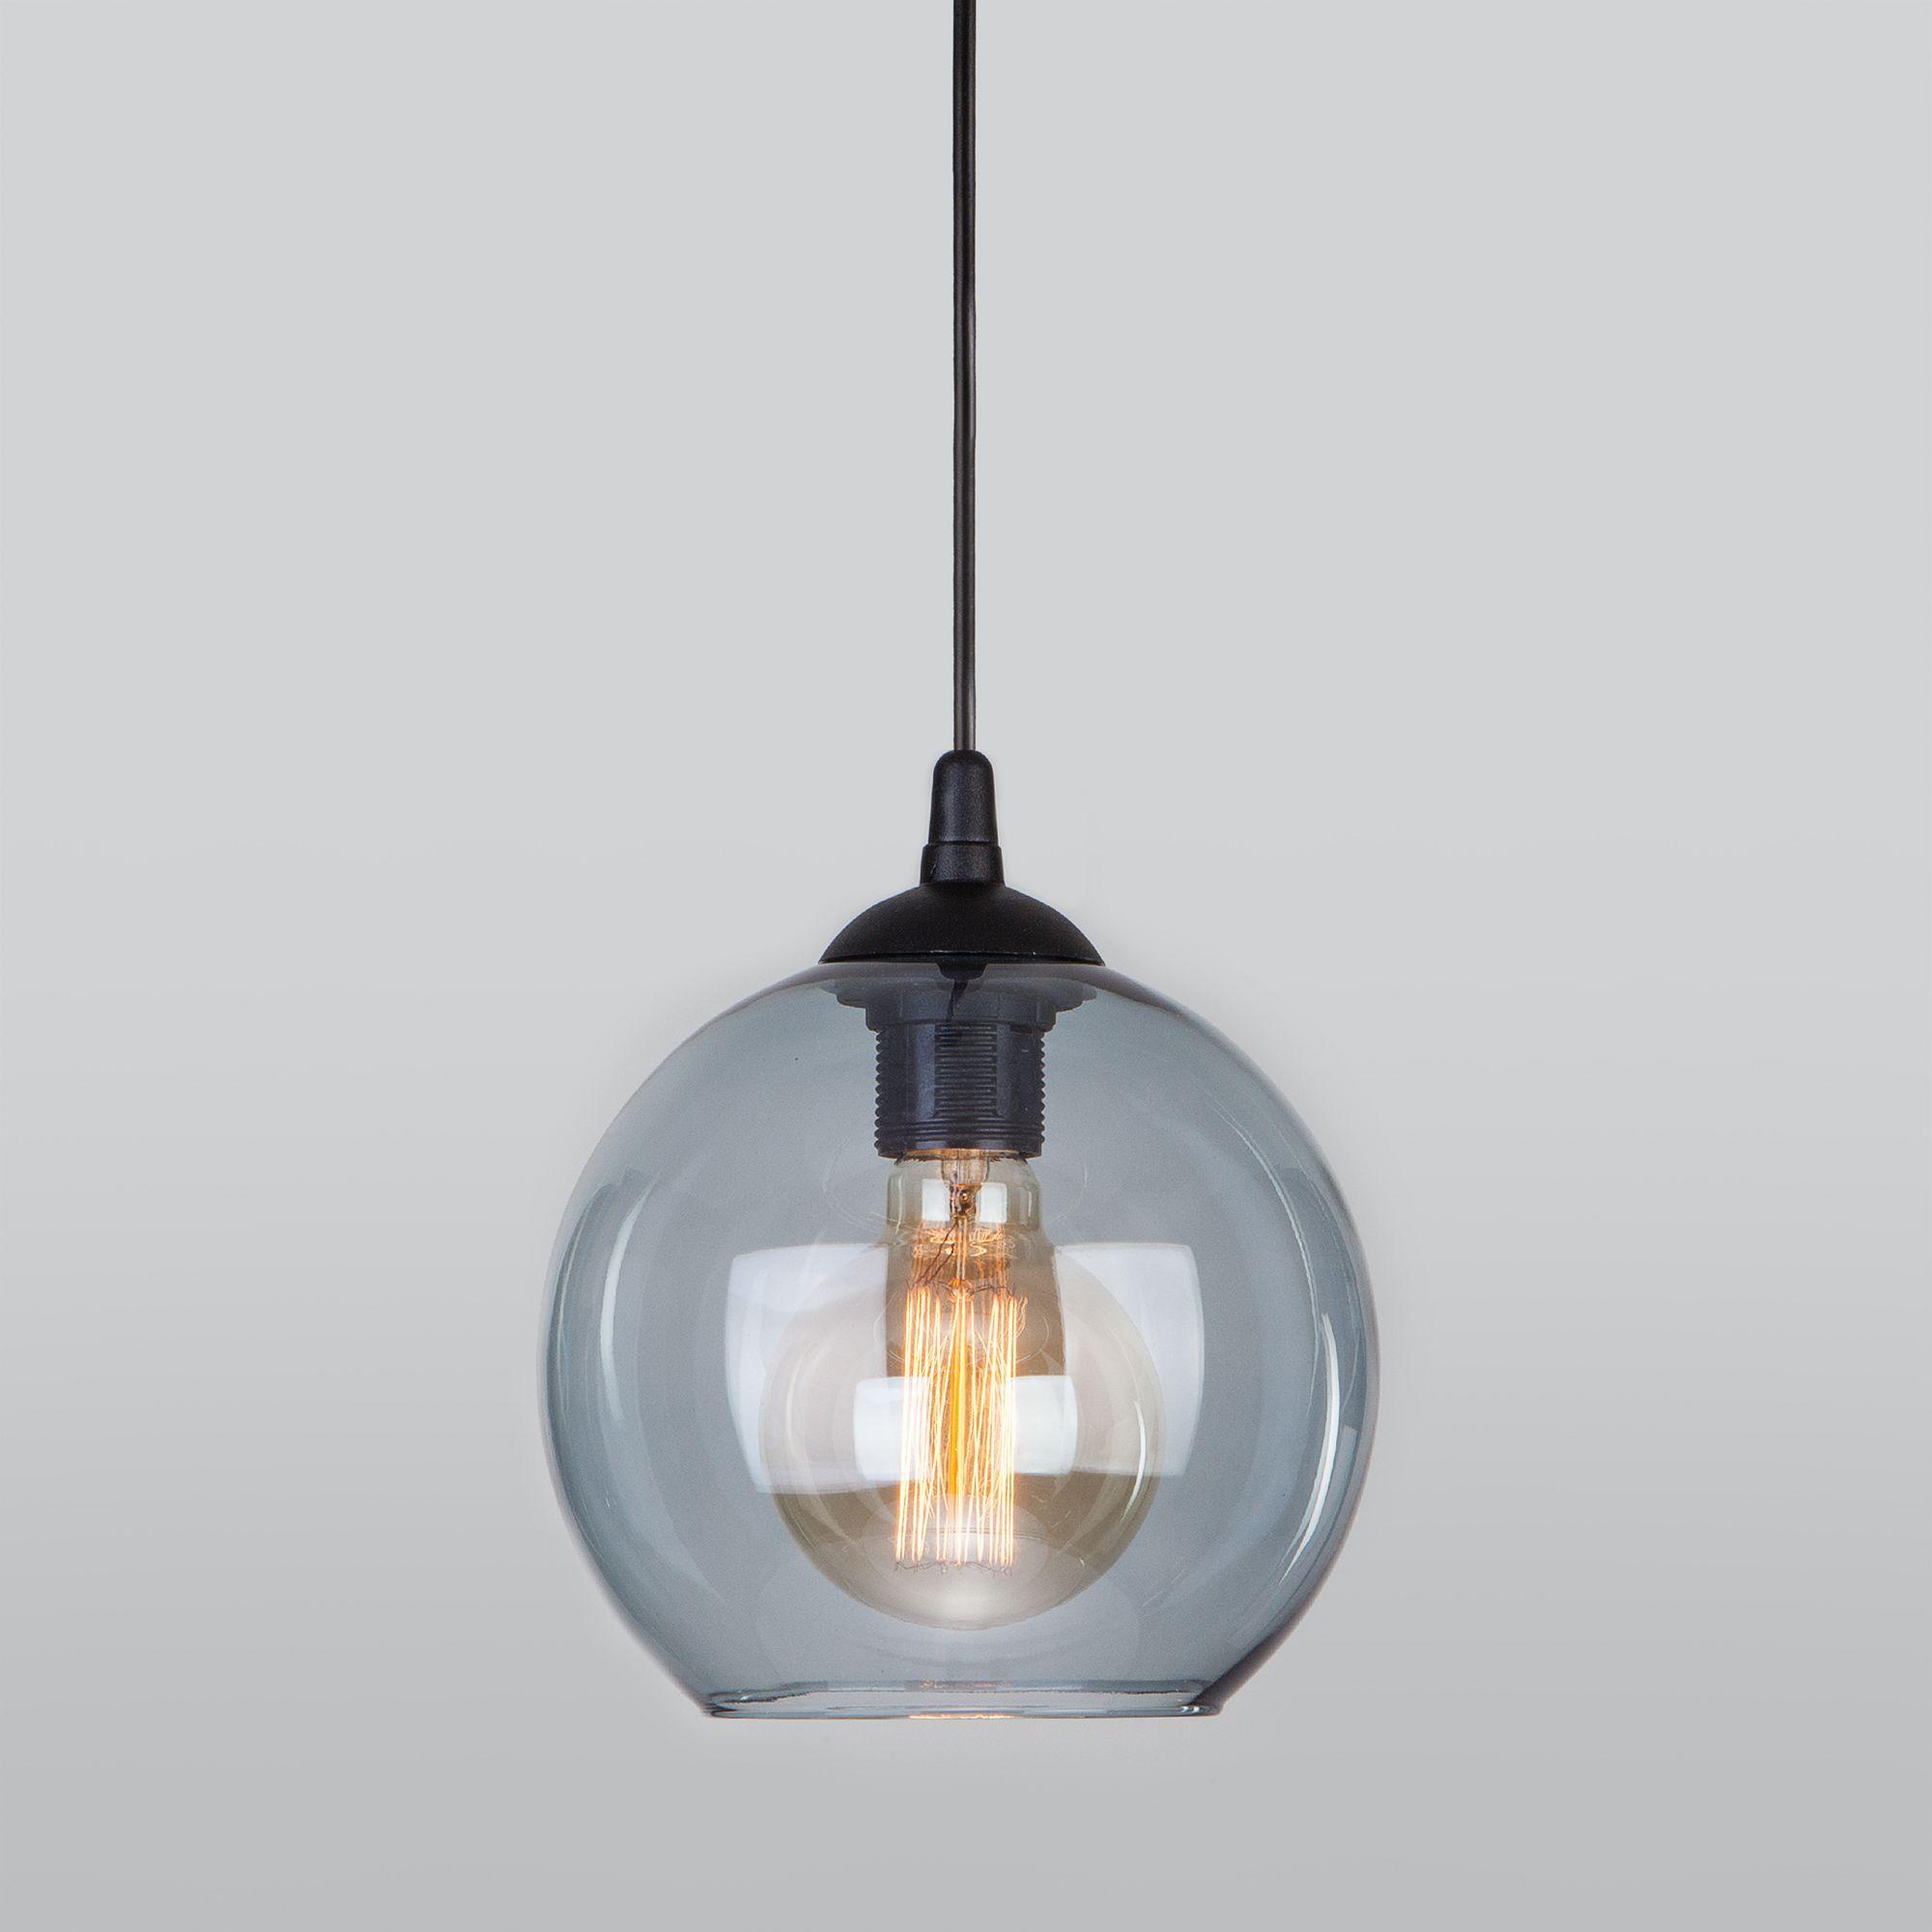 Подвесной светильник со стеклянным плафоном 4444 Cubus